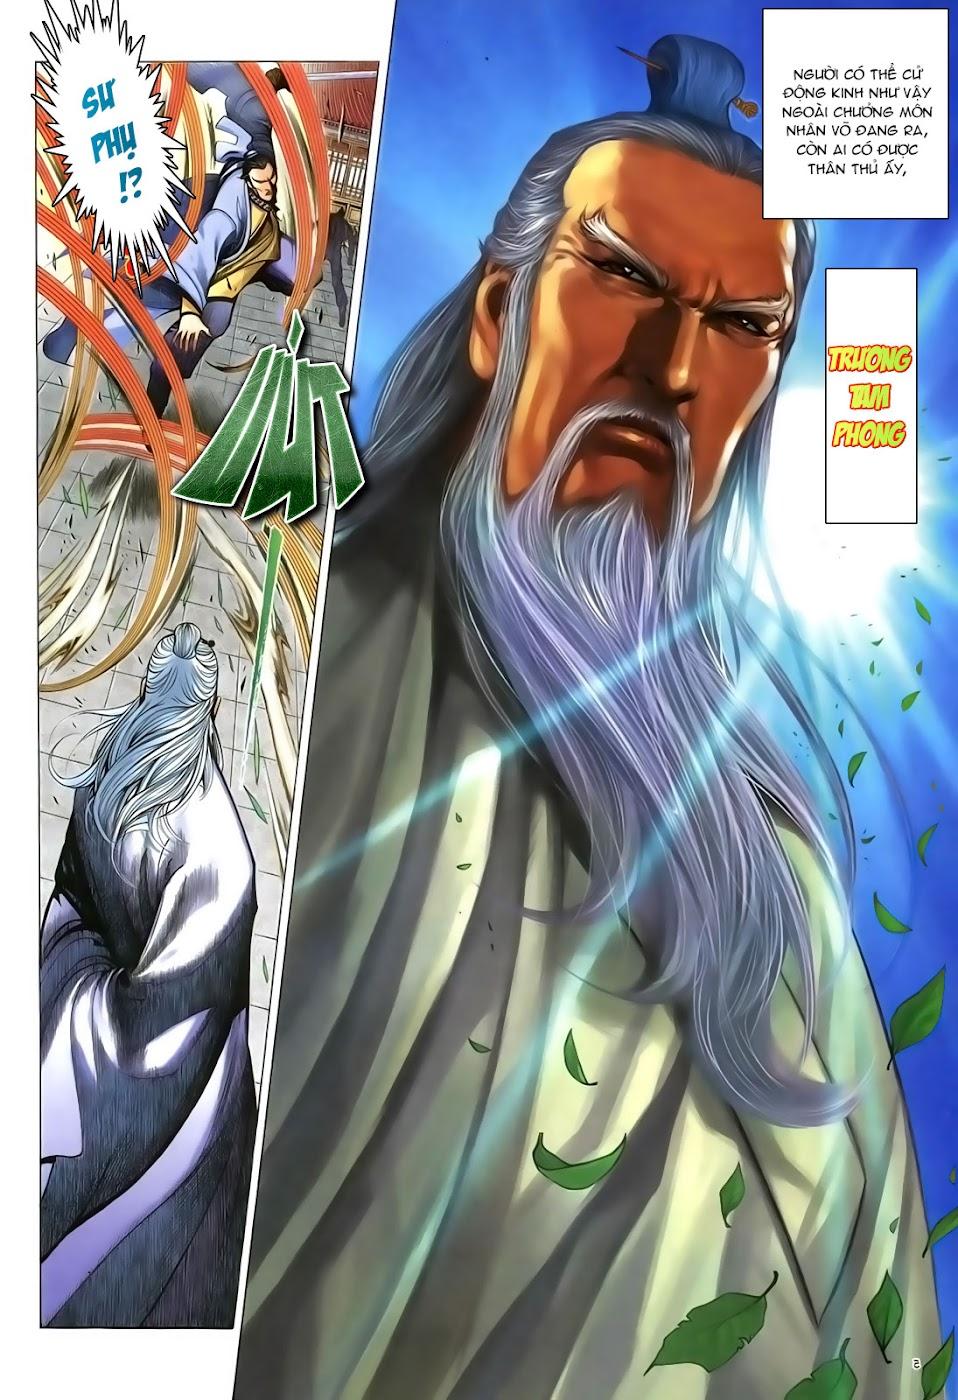 Ỷ Thiên Đồ Long Ký Chap 95 - Next Chap 96 image 5